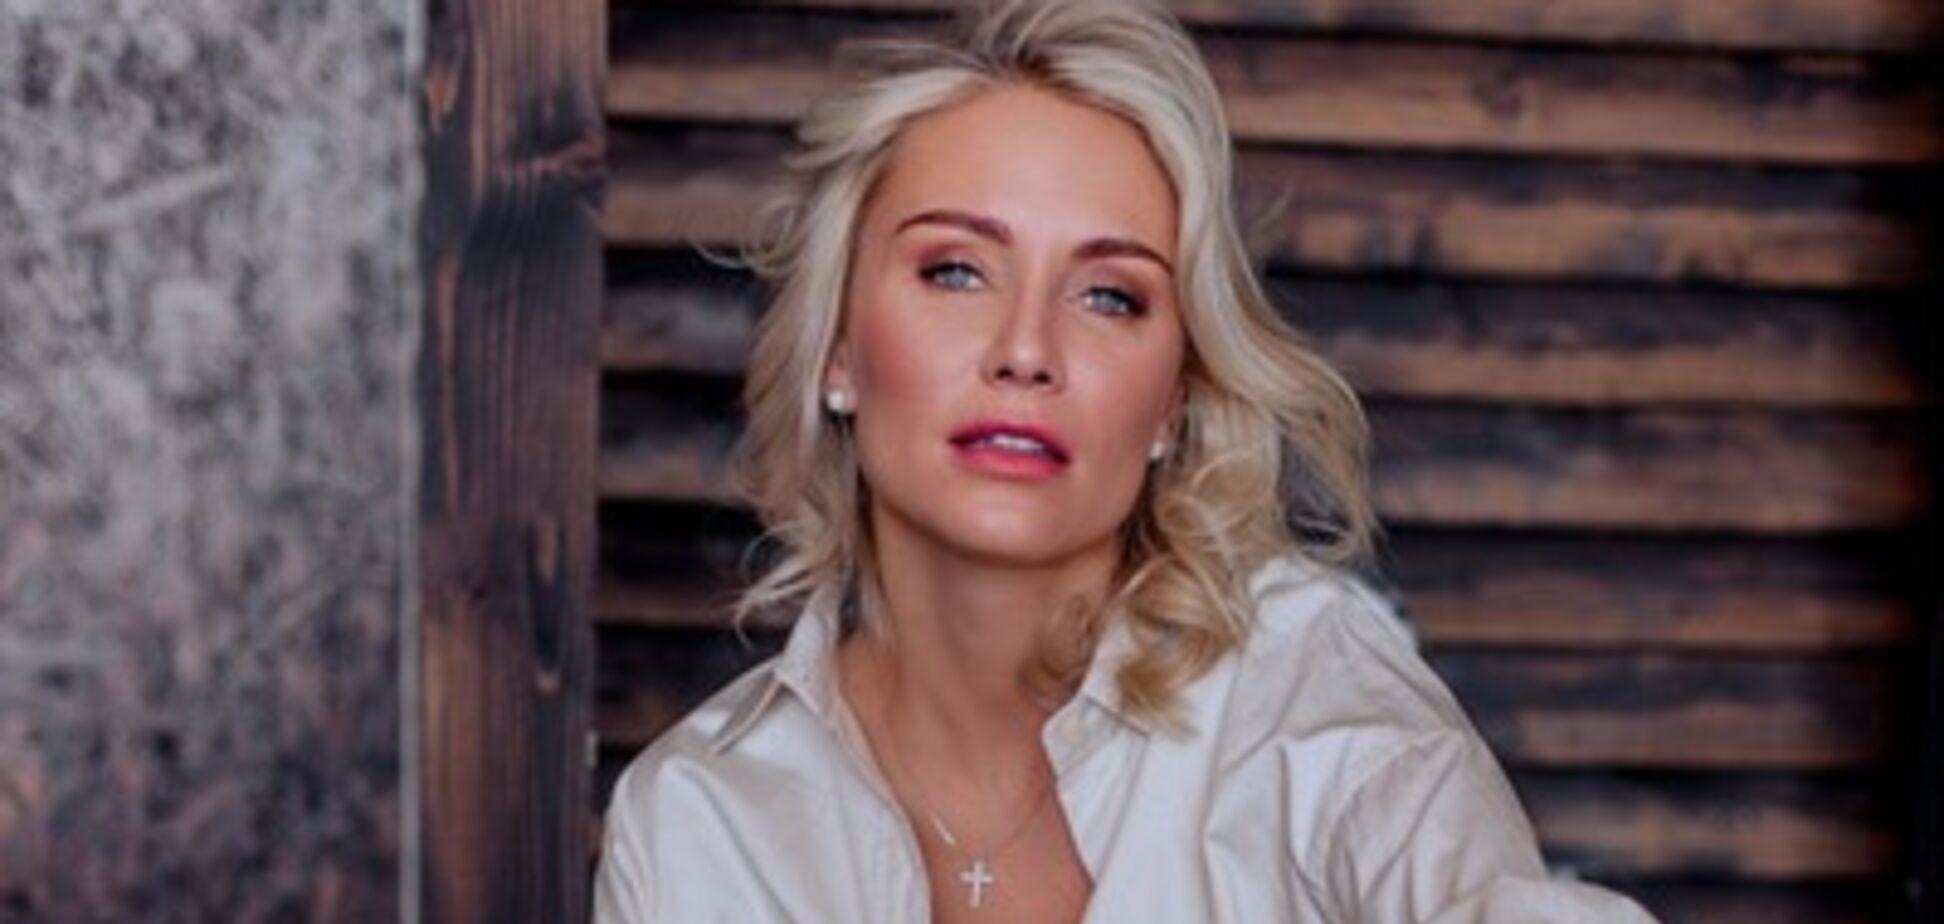 Телеведущая Катя Гордон обвинила российский шоу-бизнес в продажности